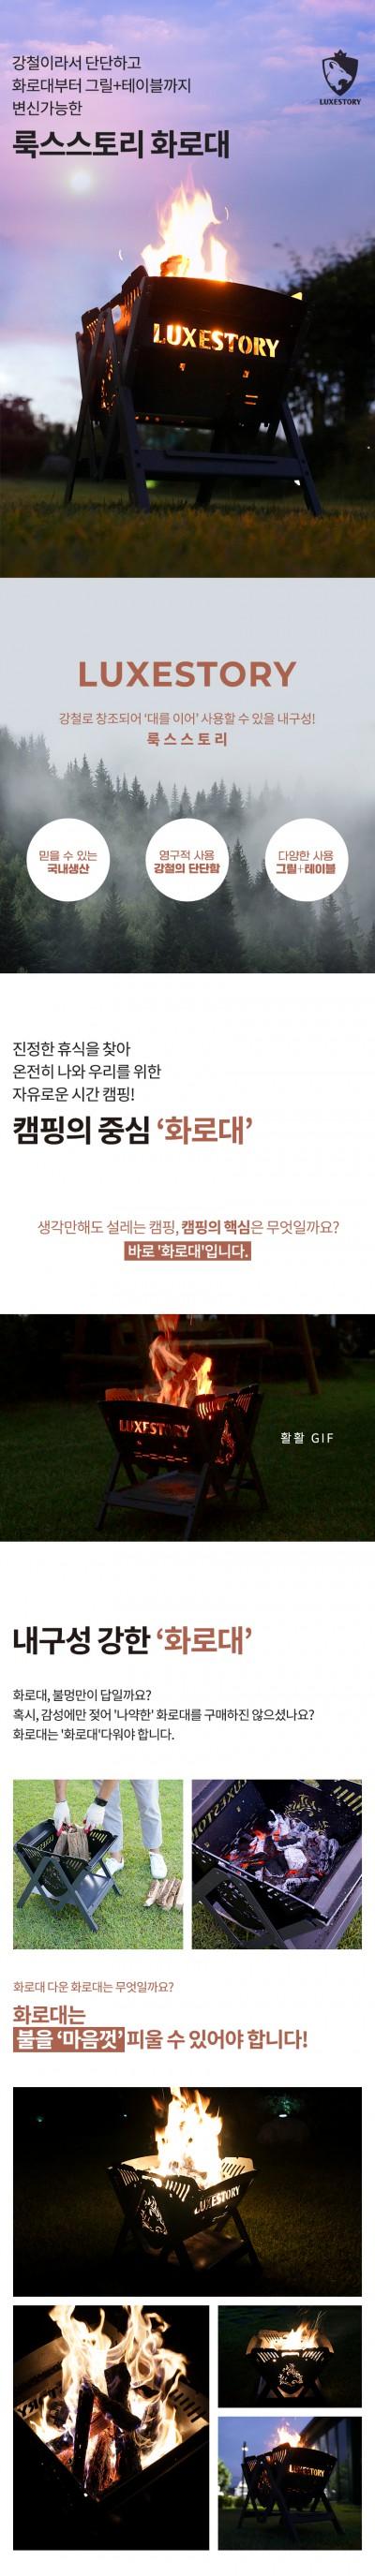 [D201]캠핑 화로대 상세페이지 제작 + 촬영